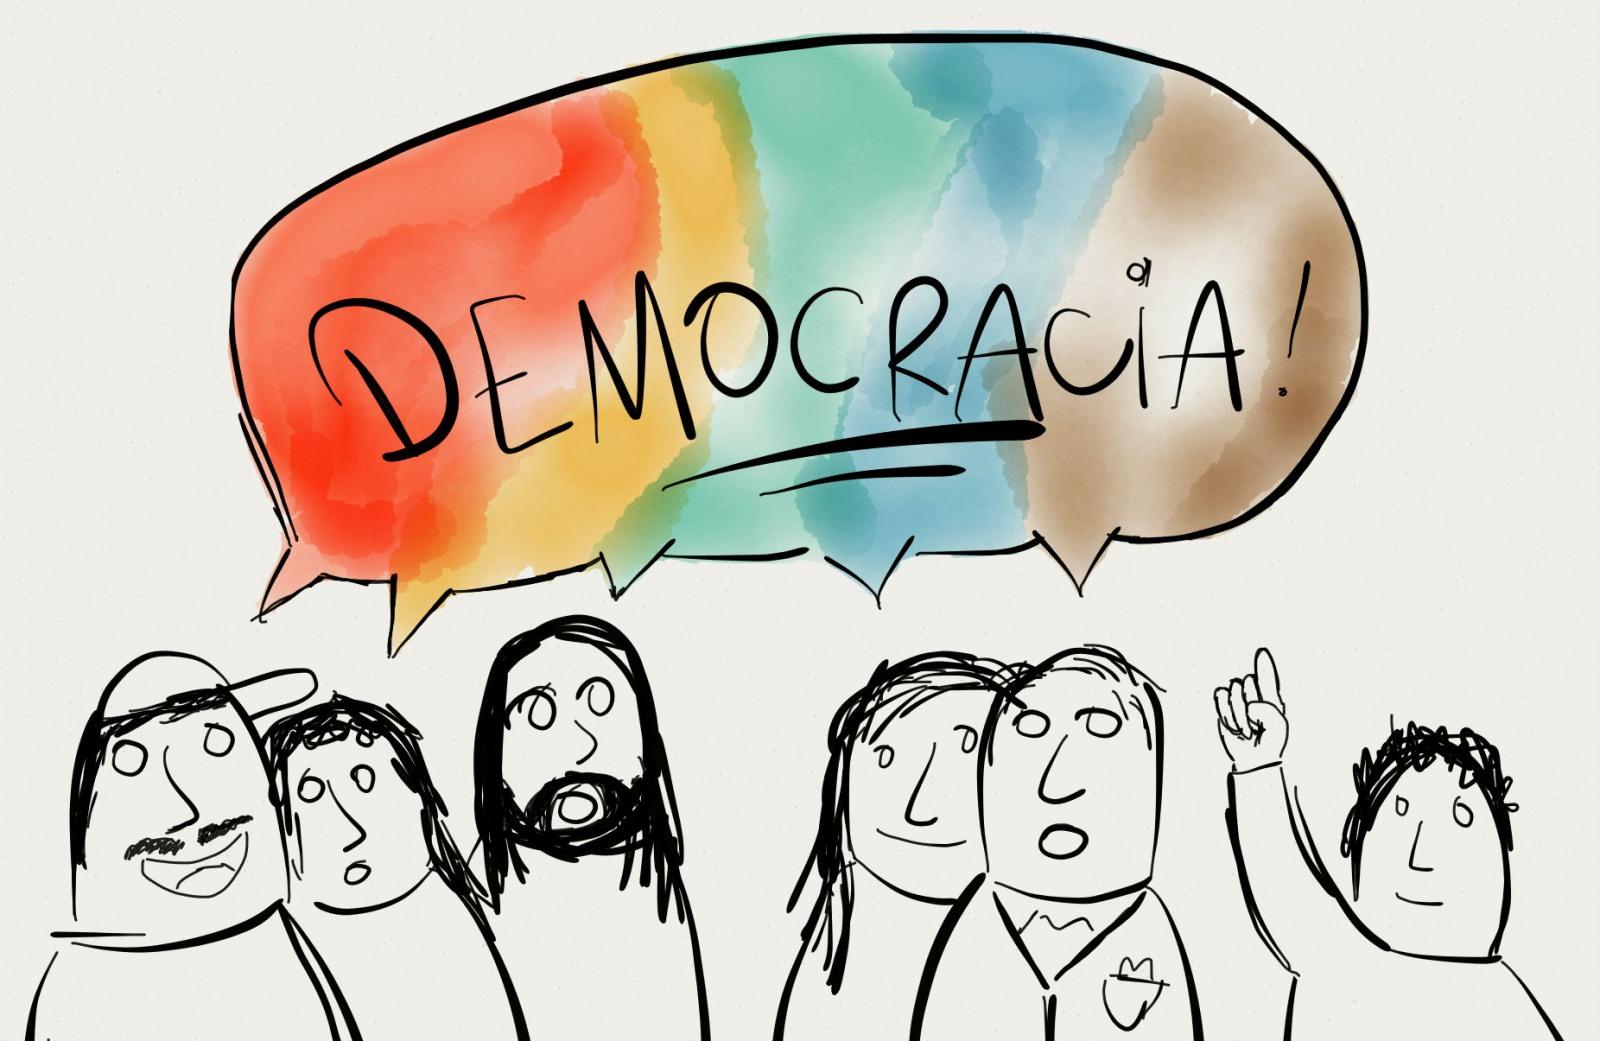 Jornalistas do DF: nossa profissão e a democracia estão em risco